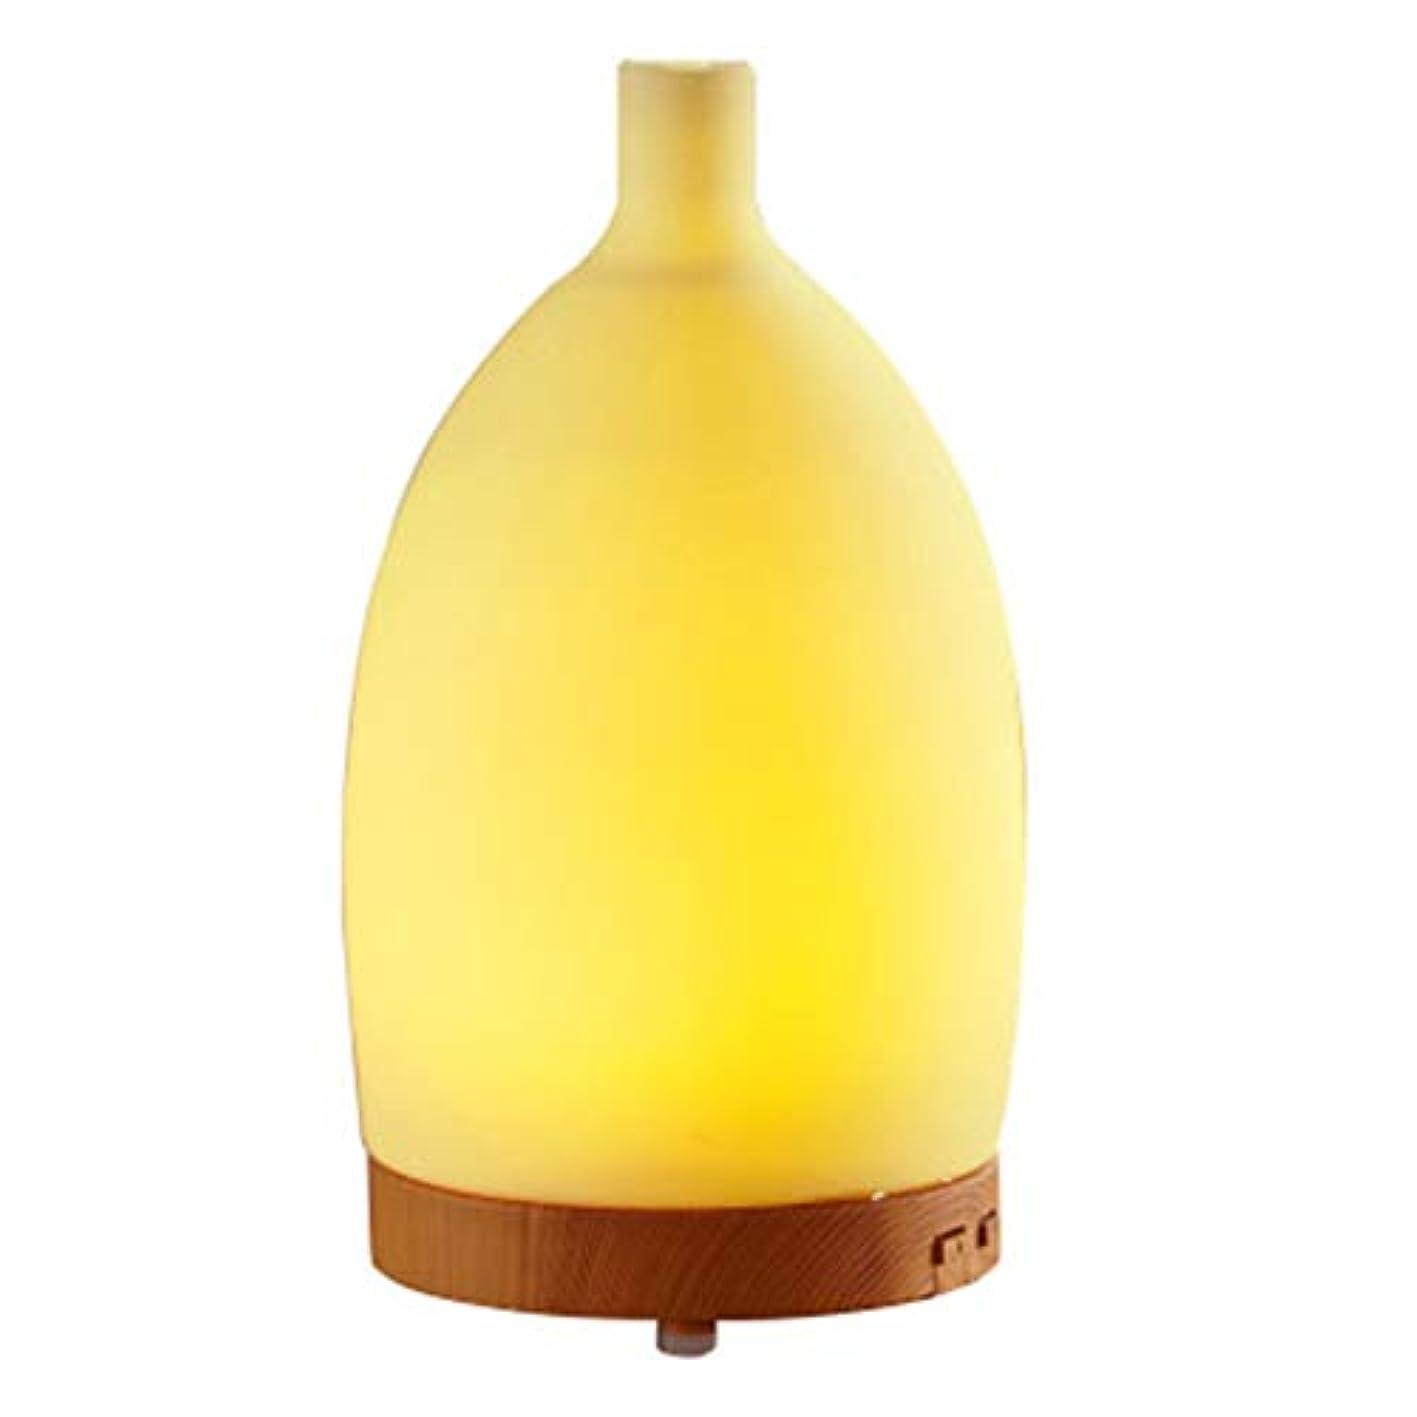 陸軍まっすぐにする馬力7つの可変性の色LEDライトが付いている100mlシリコーンの花瓶の加湿器のための精油の拡散器は水の自動オフ浄化の空気を浄化します (Color : Colorful)